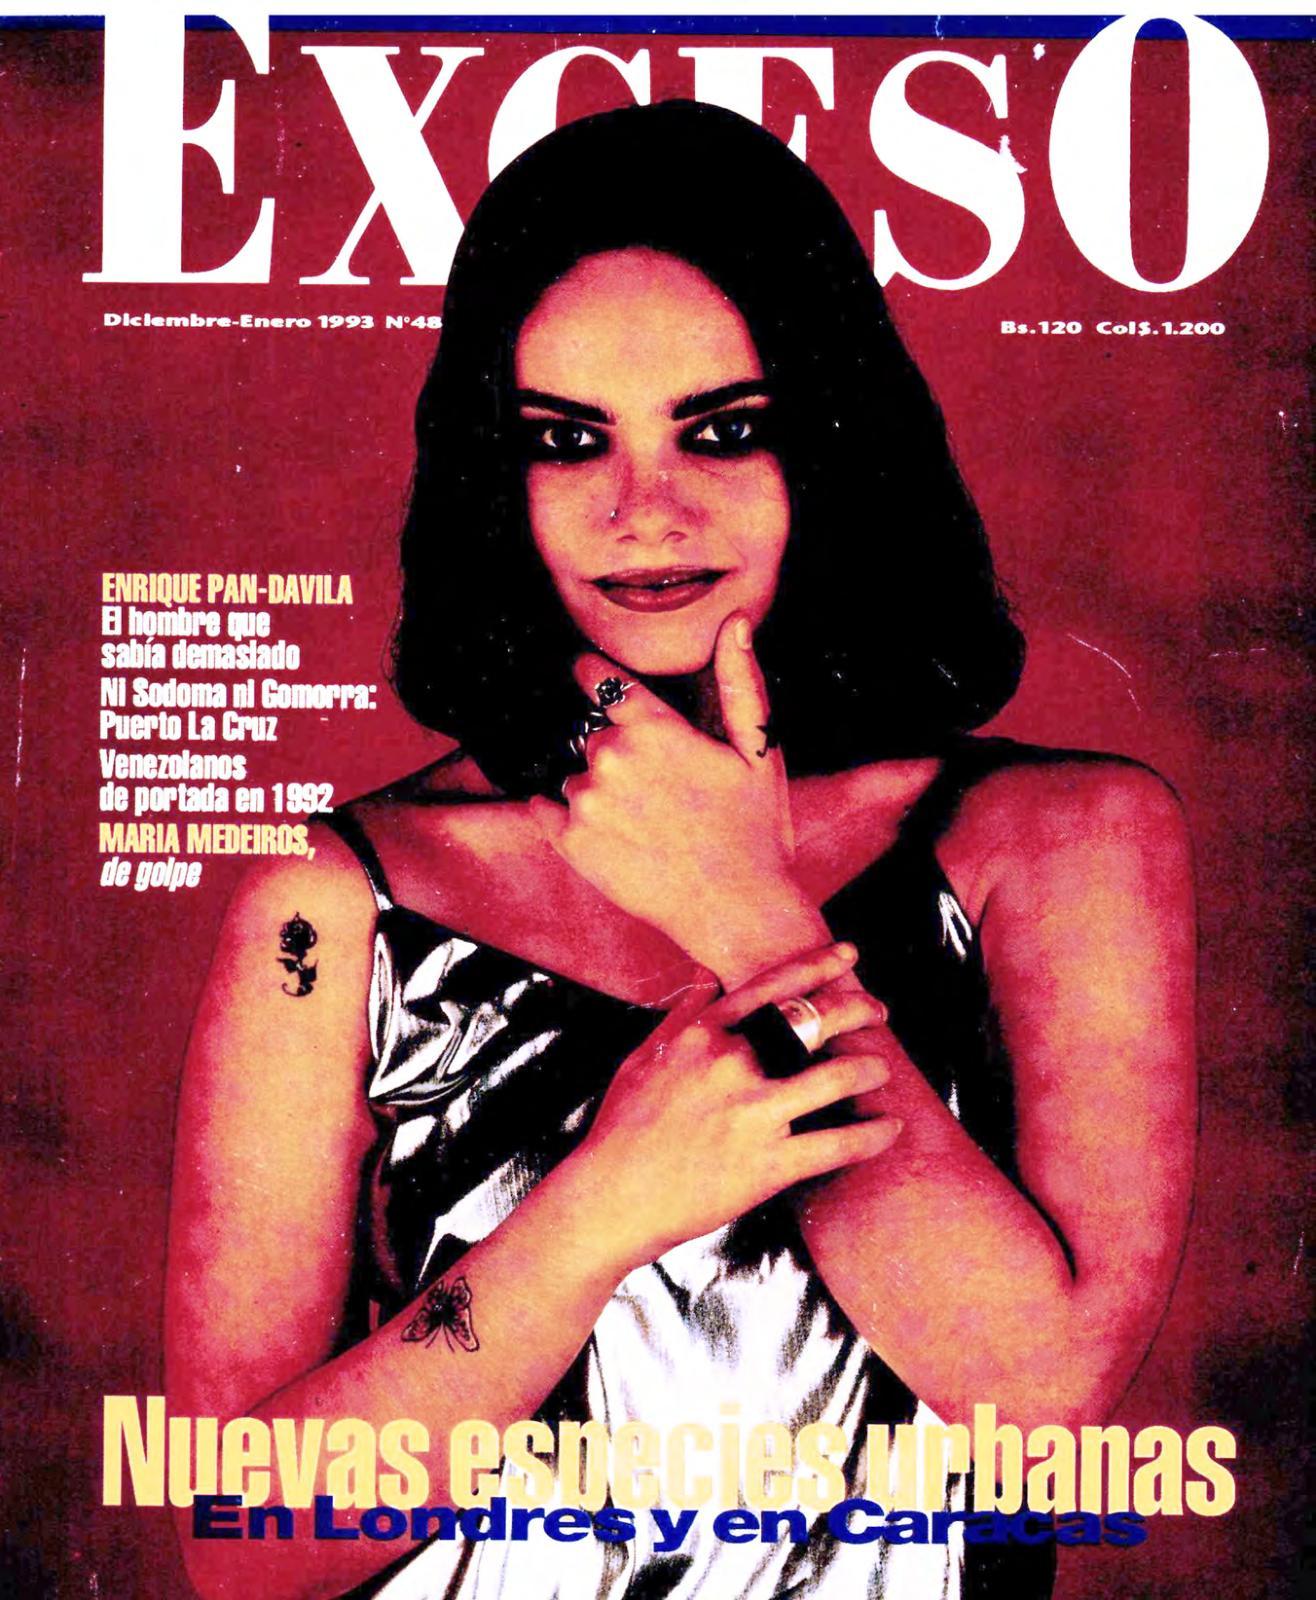 Mujer exhibicionista foto gratis penelope cruz desnuda 15